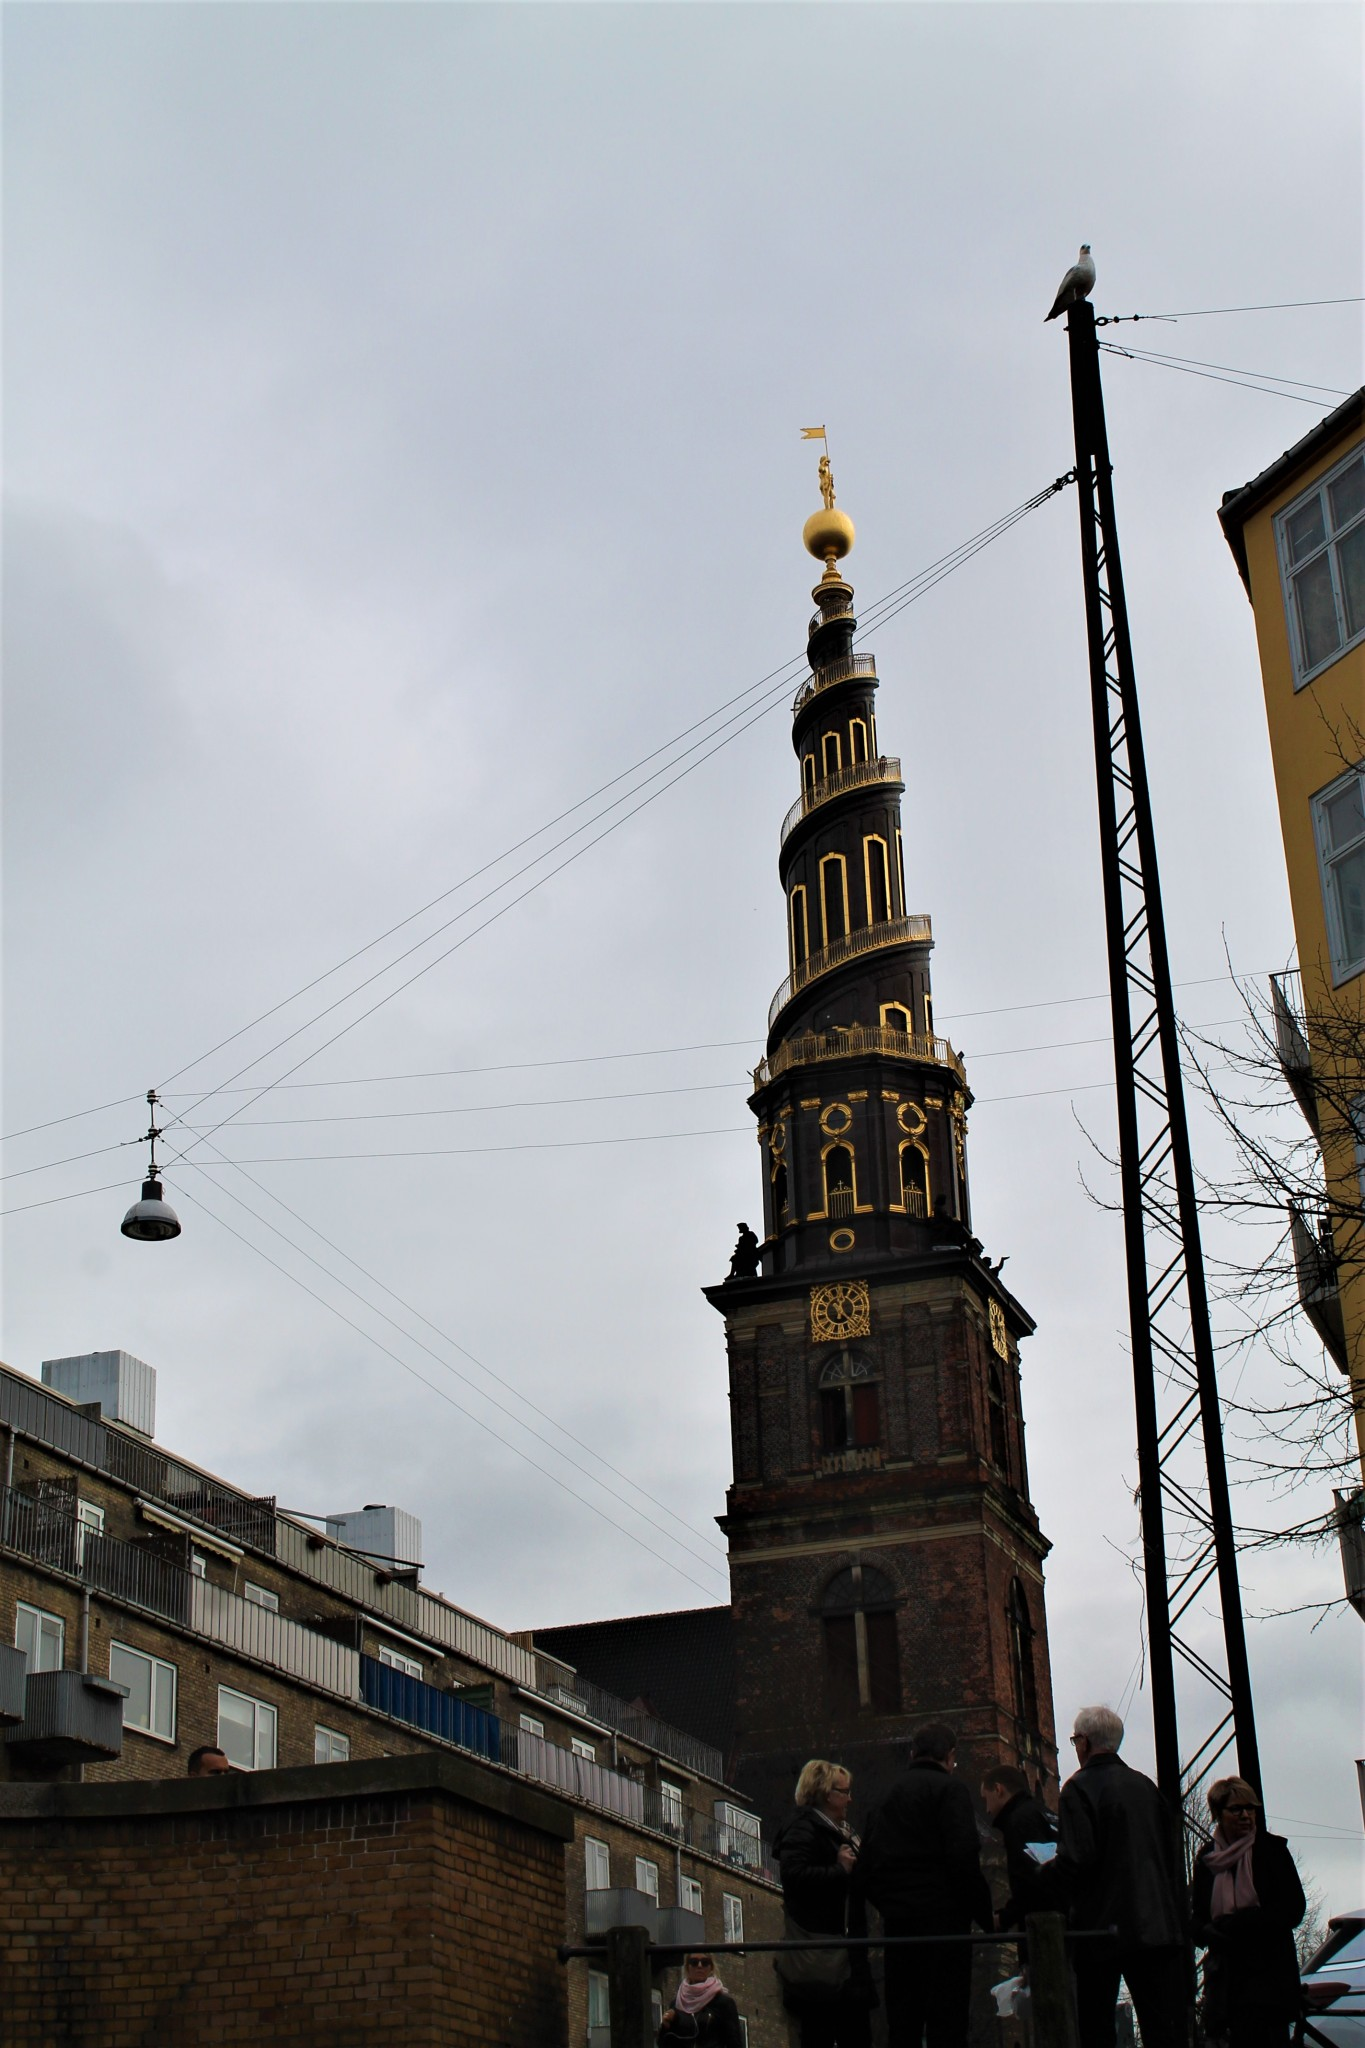 Kööpenhamina2